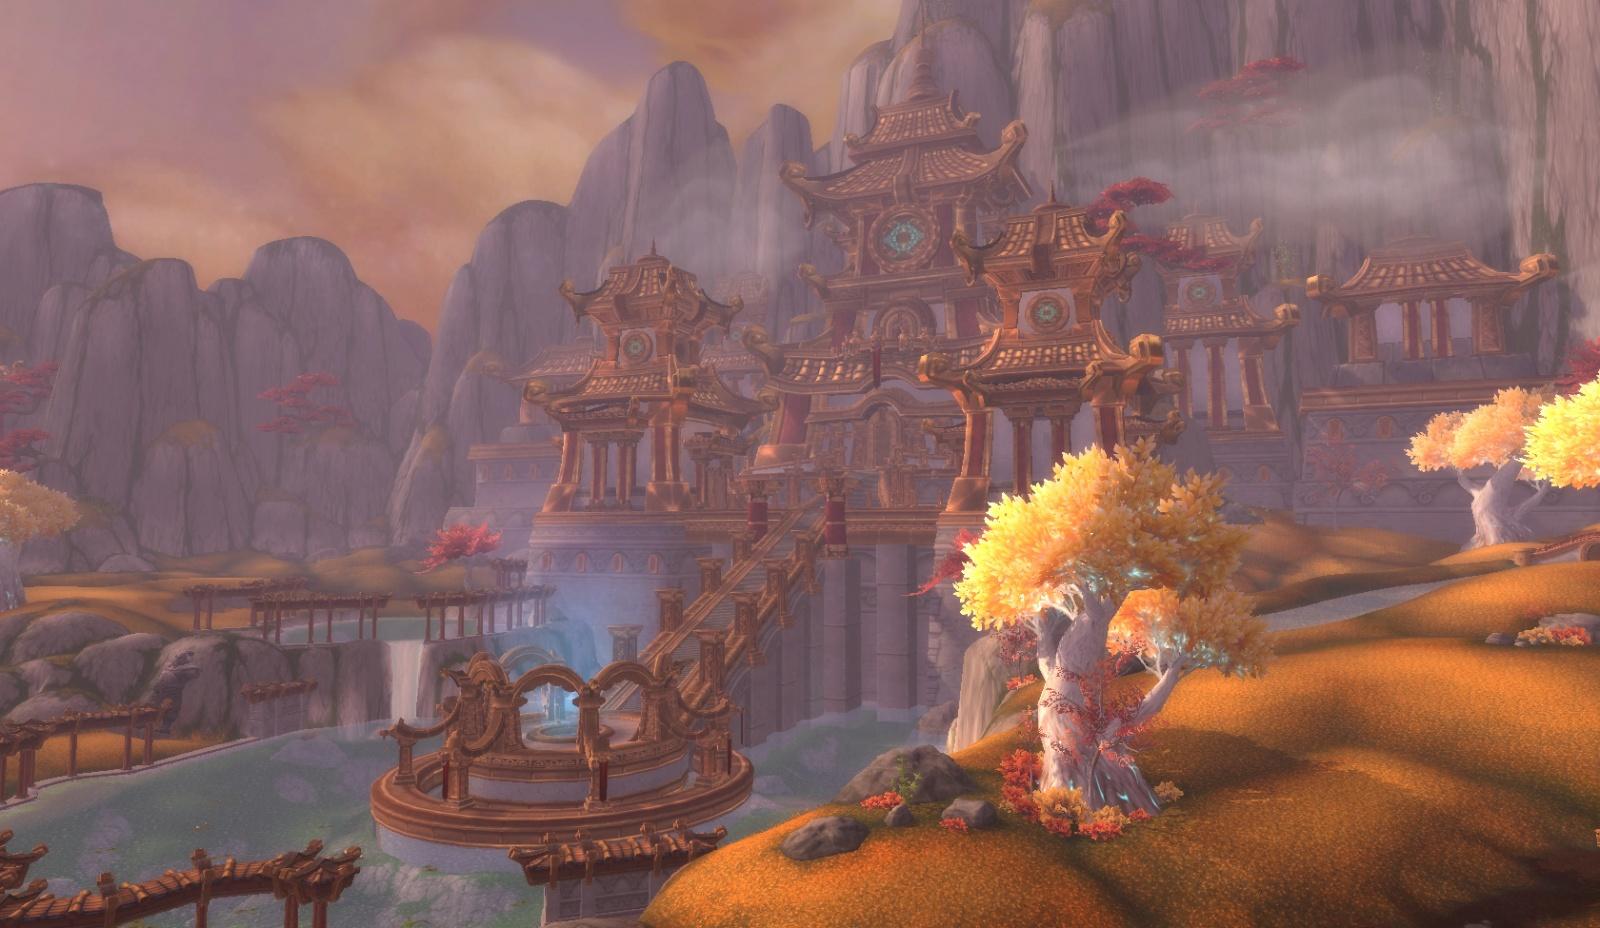 Как создавался World of Warcraft: взгляд изнутри на 20 лет разработки - 56